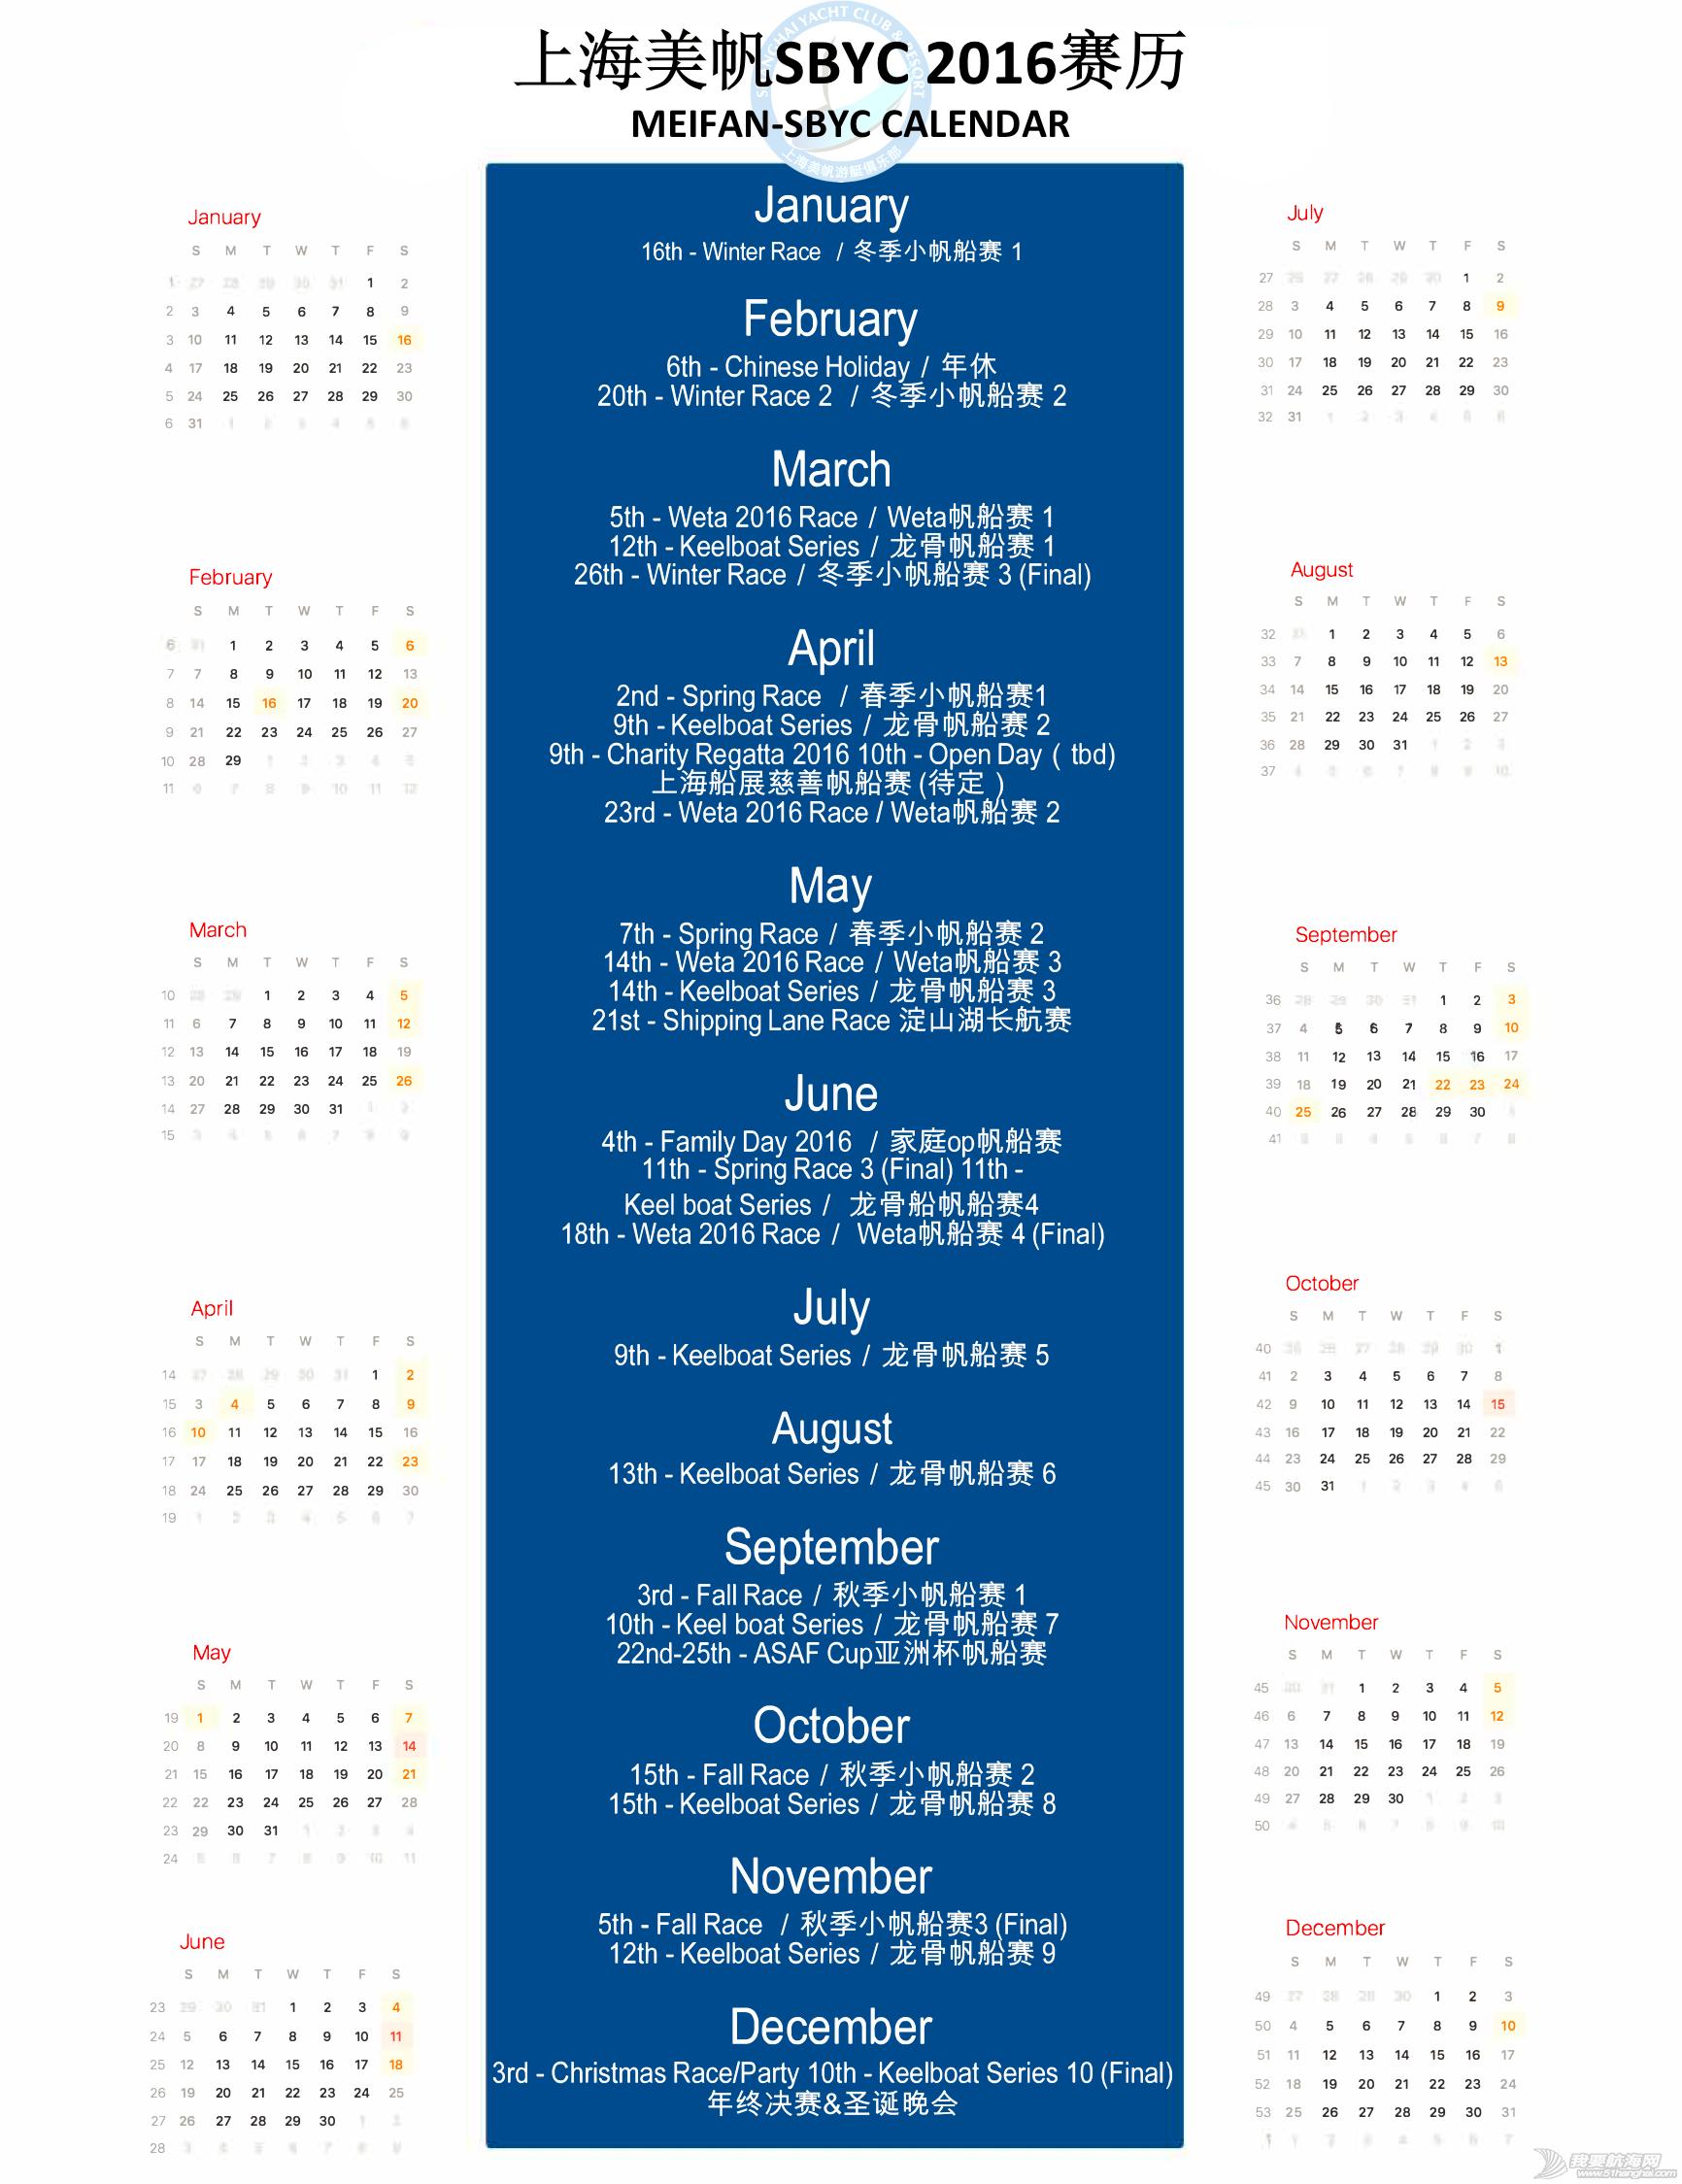 收藏丨2016年上海美帆帆船赛赛历全览 c55847f6ead0a8a525186fcd9459a225.png